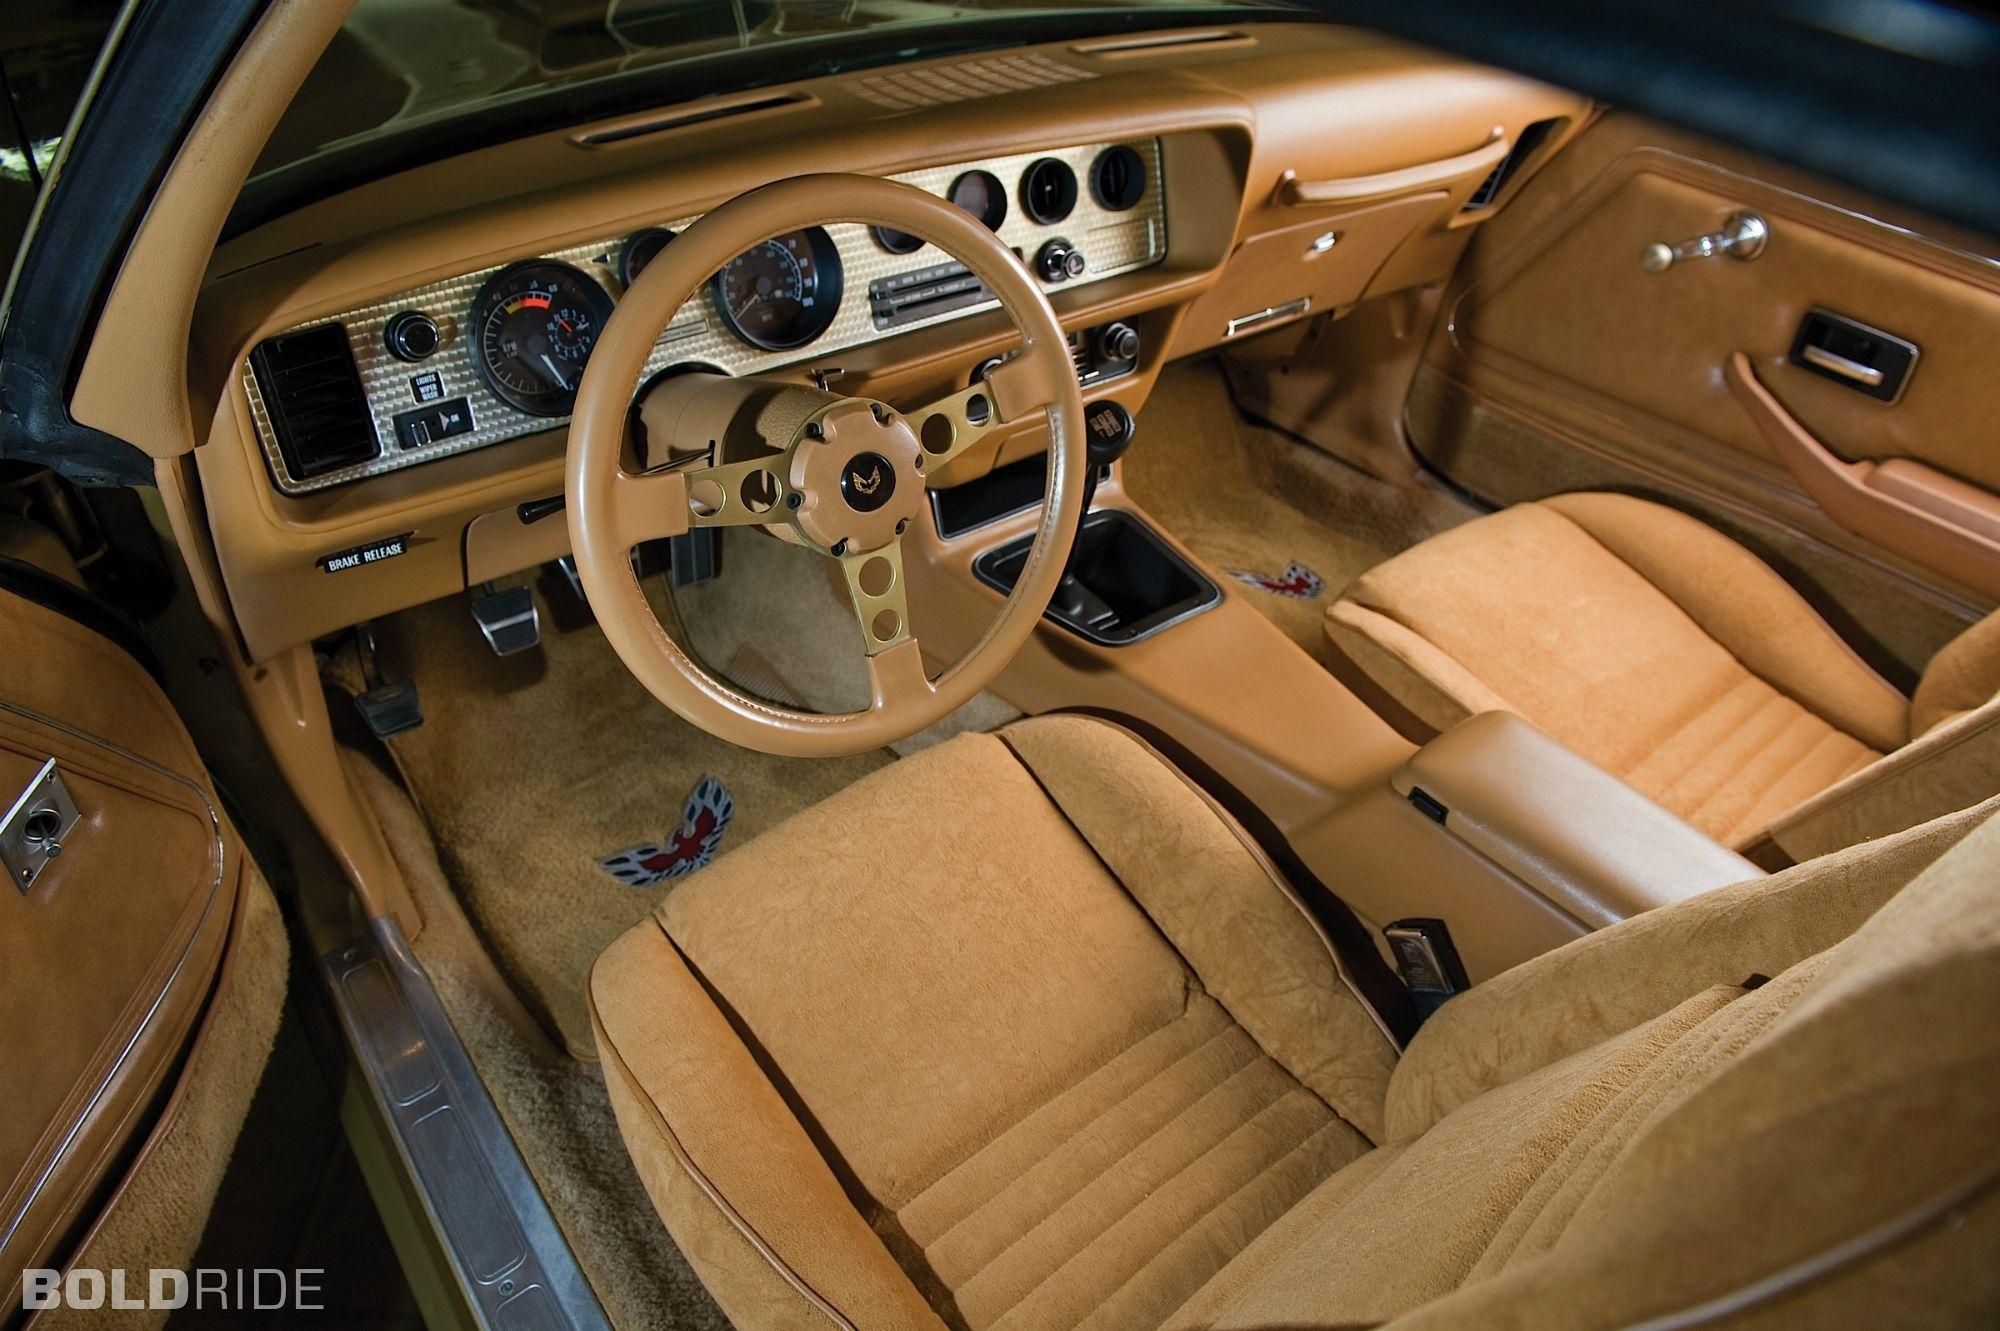 Pontiac Trans Am Gold Edition Interior Cars Pinterest Firebird Pontiac Firebird And Cars